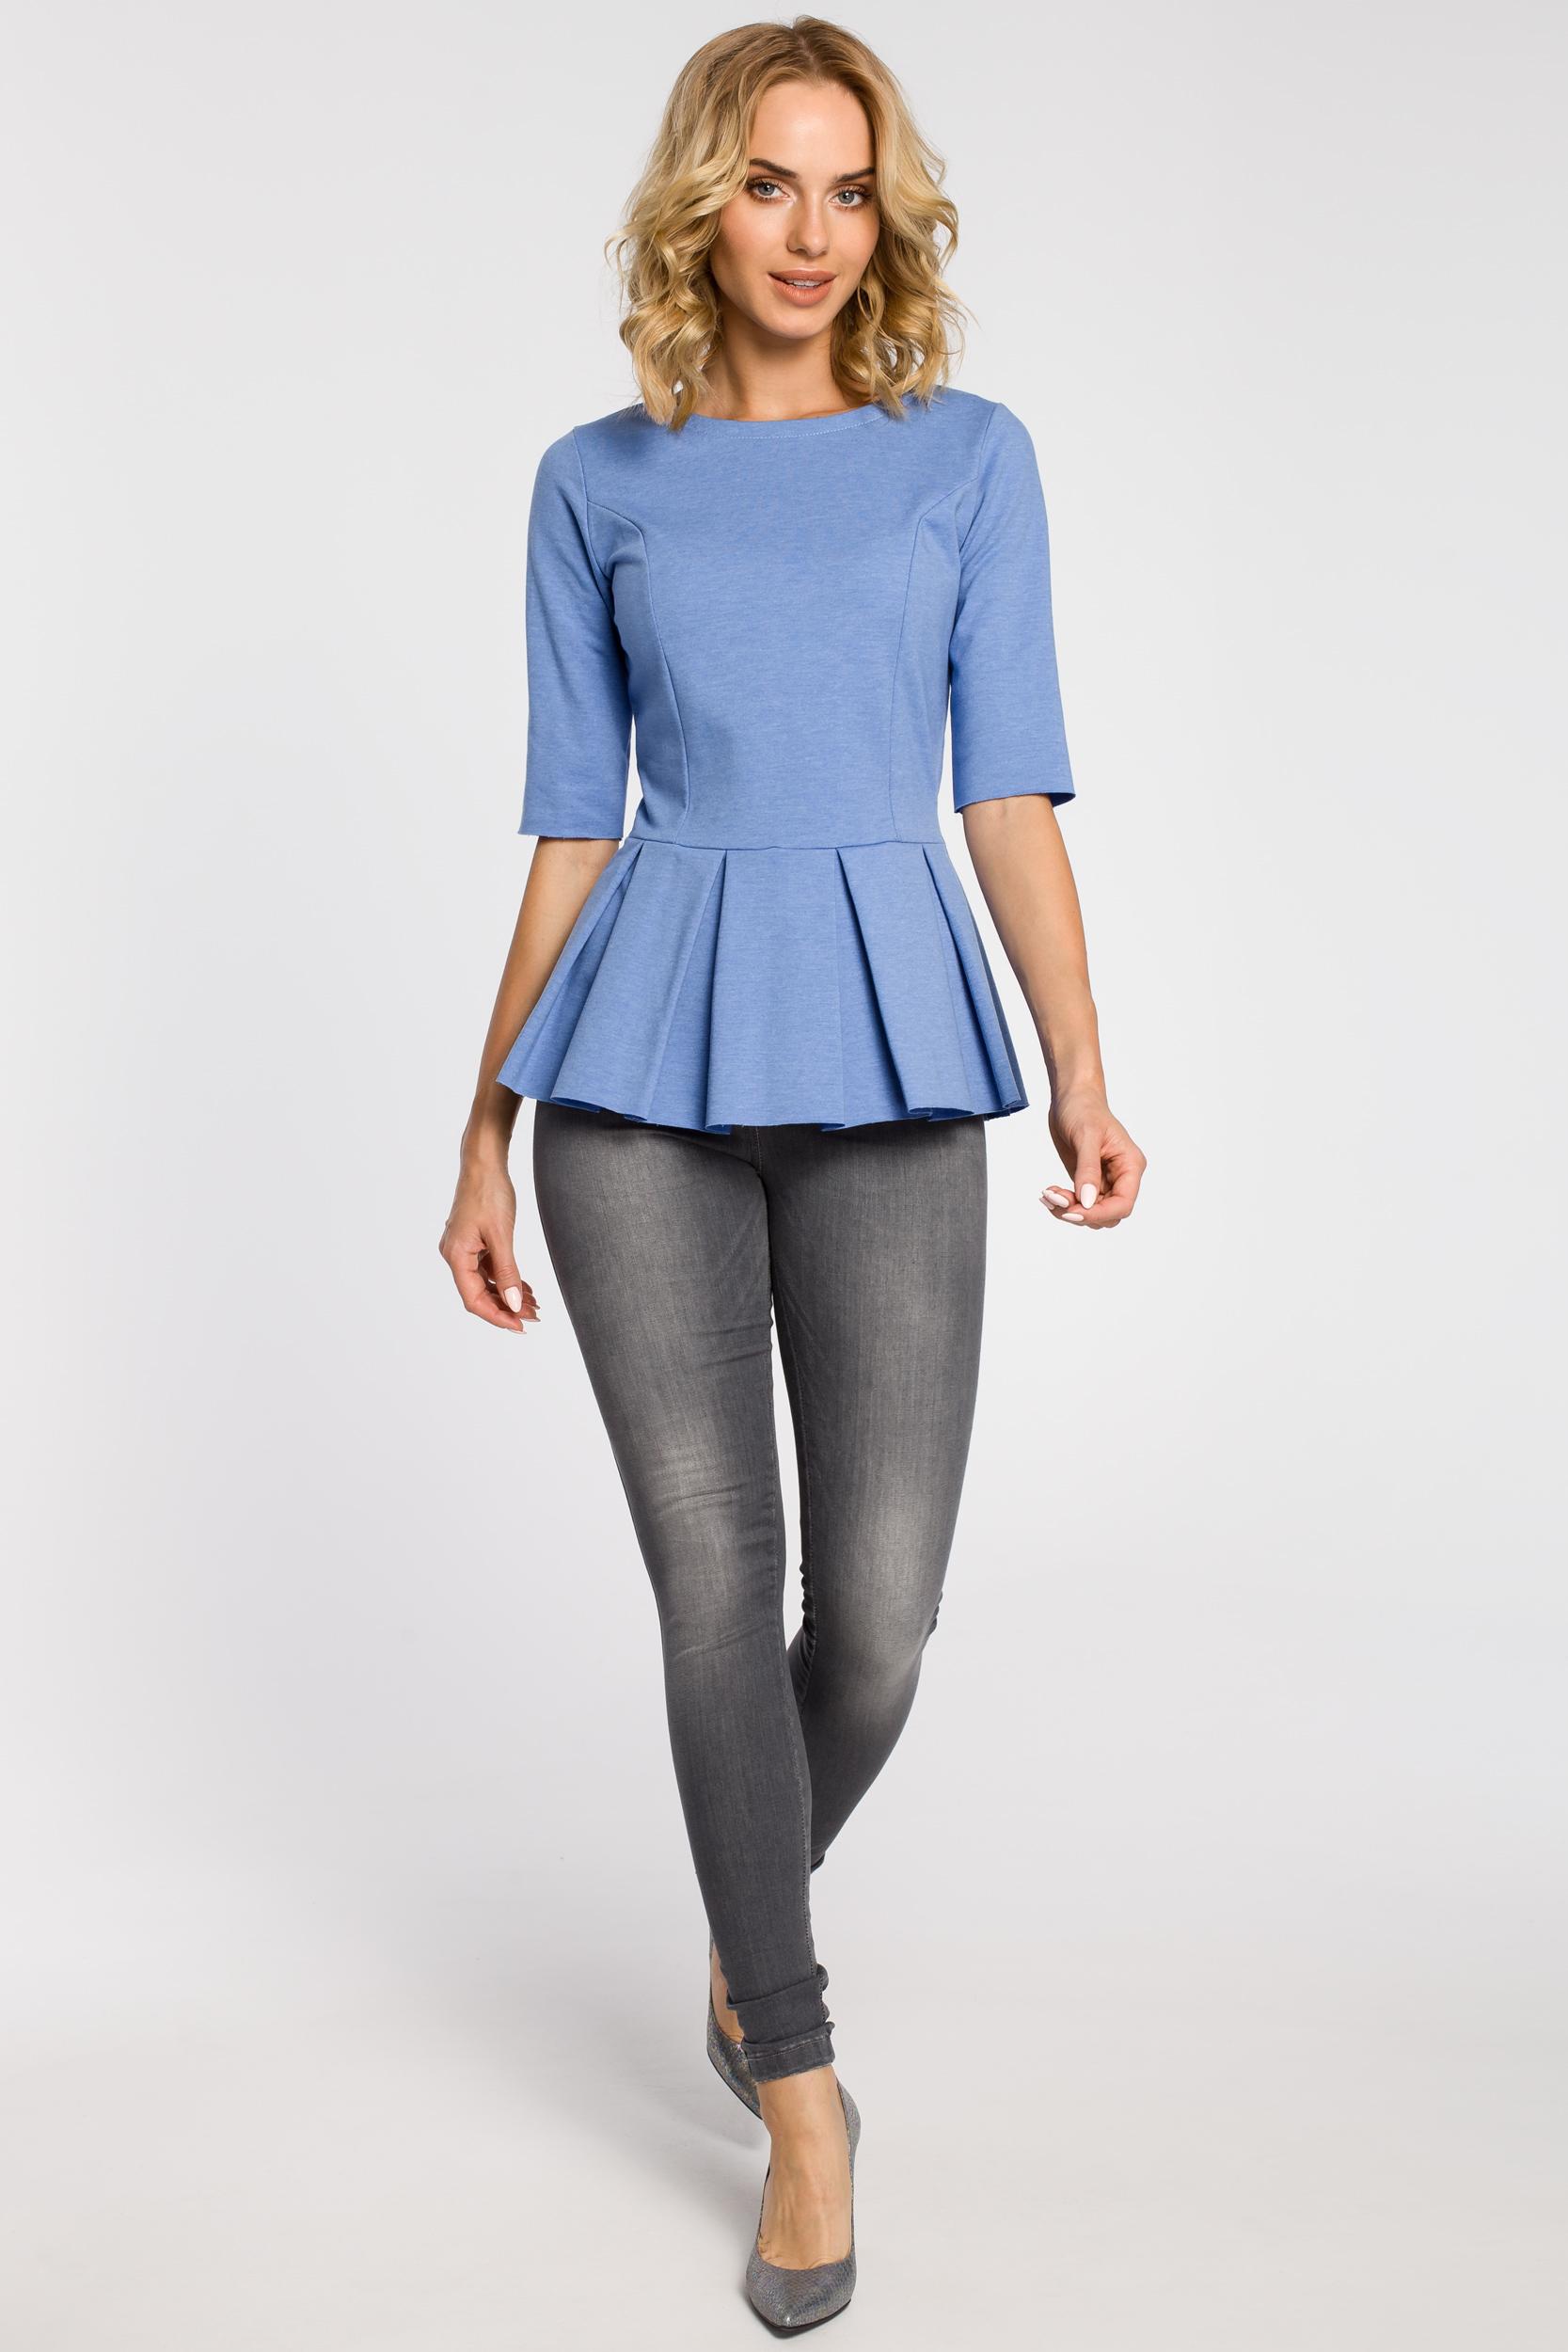 CM1090 Dopasowana bluzka damska z plisowaną baskinką - niebieska